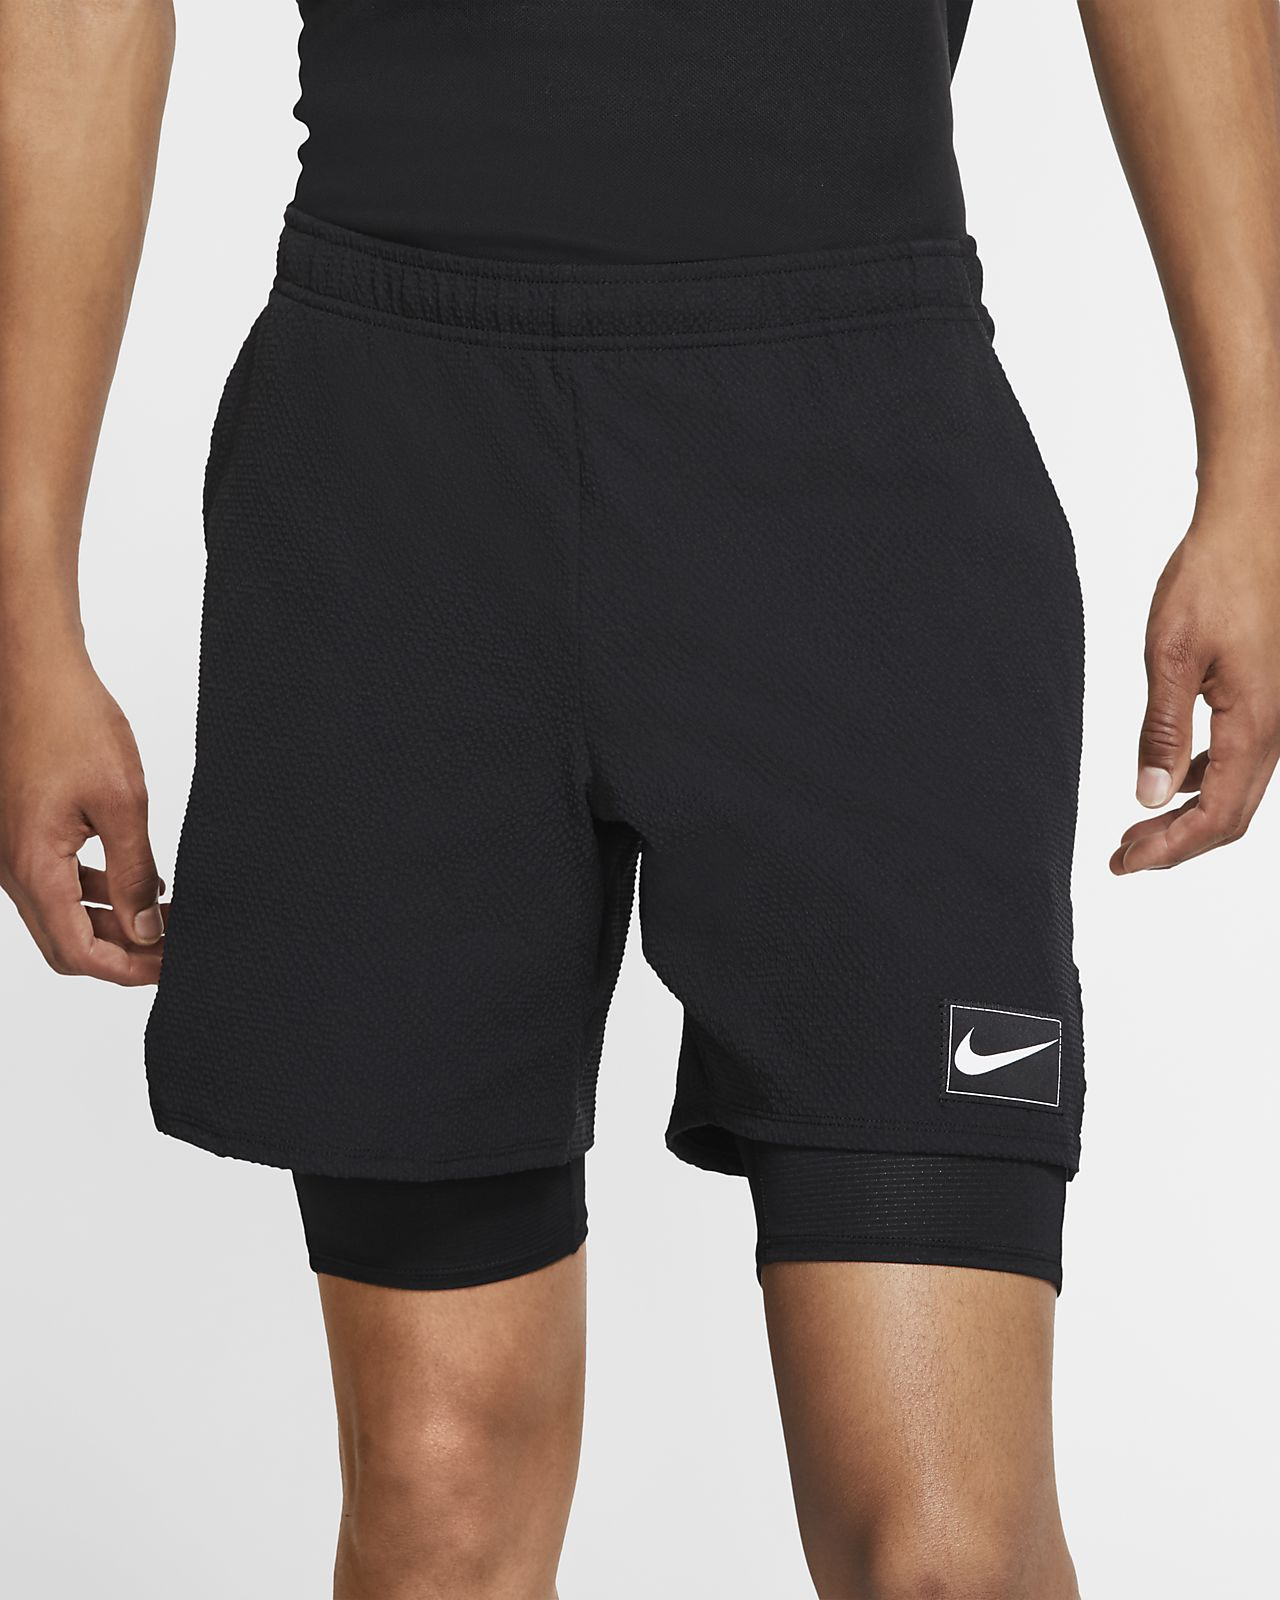 NikeCourt Ace Erkek Tenis Şortu